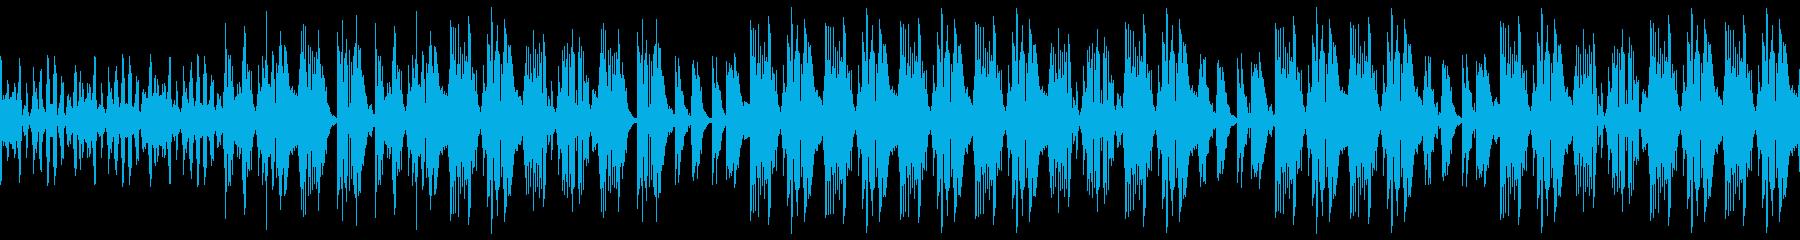 和風SFの壮大なパーカスエレクトロの再生済みの波形